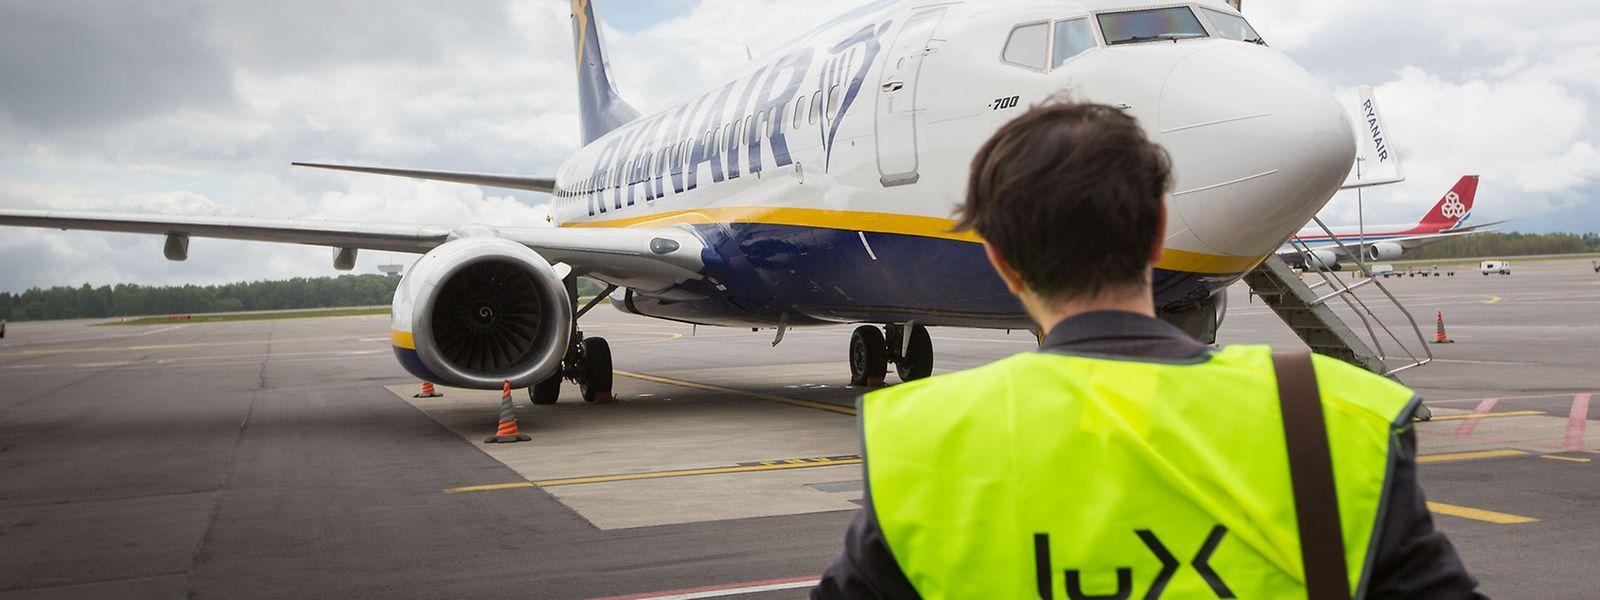 Ryanair beginnt mit zwei Destinationen ab Findel, will das Angebot aber später ausbauen. Nach London und Porto könnten später Madrid, Barcelona, Dublin, Manchester, Rom, Mailand und Berlin hinzukommen.